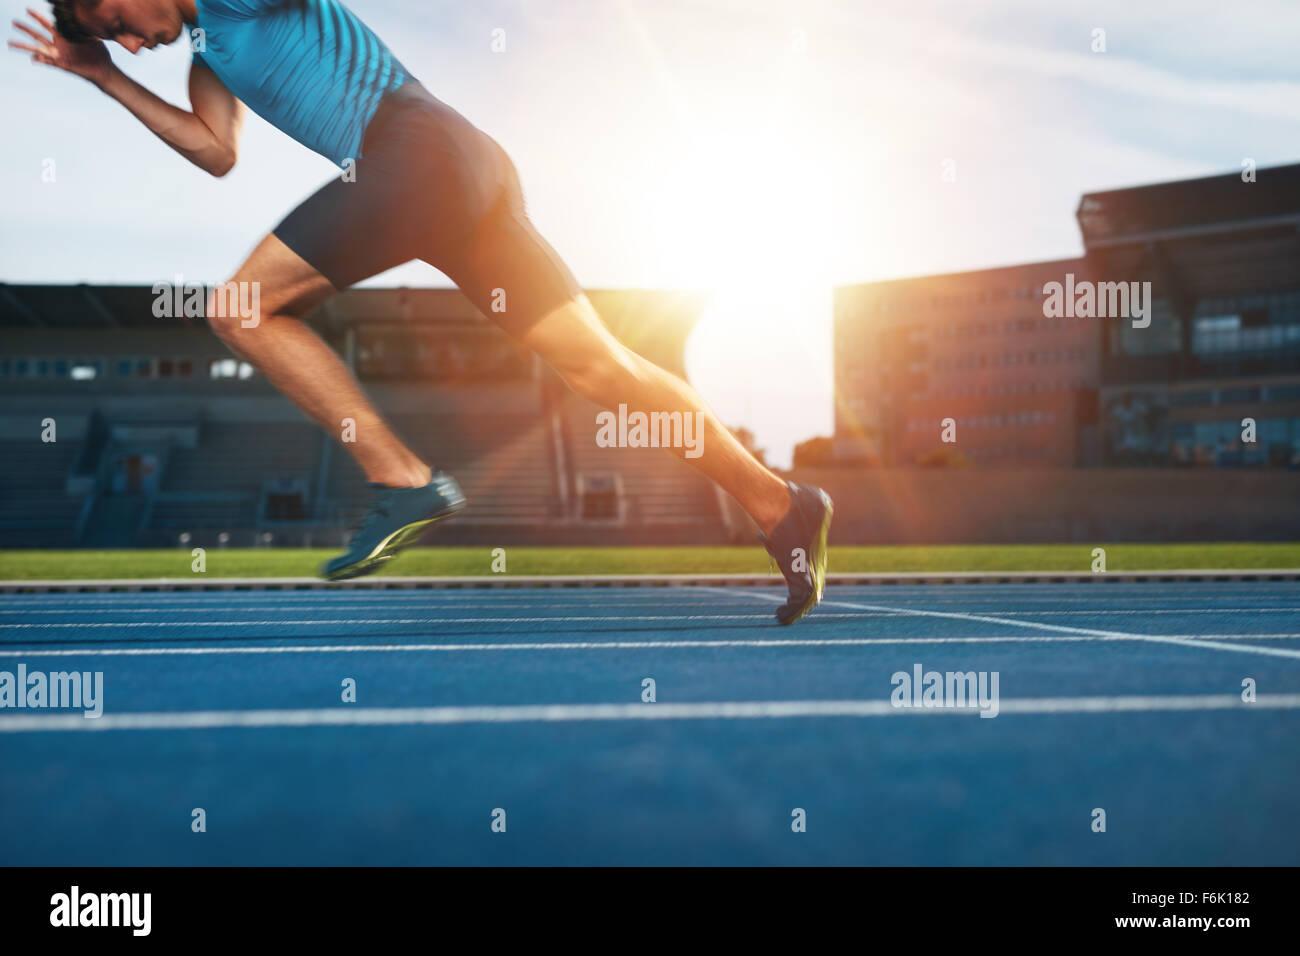 Foto de joven atleta masculino el lanzamiento de la línea de salida en una carrera. Runner corriendo en pista Imagen De Stock